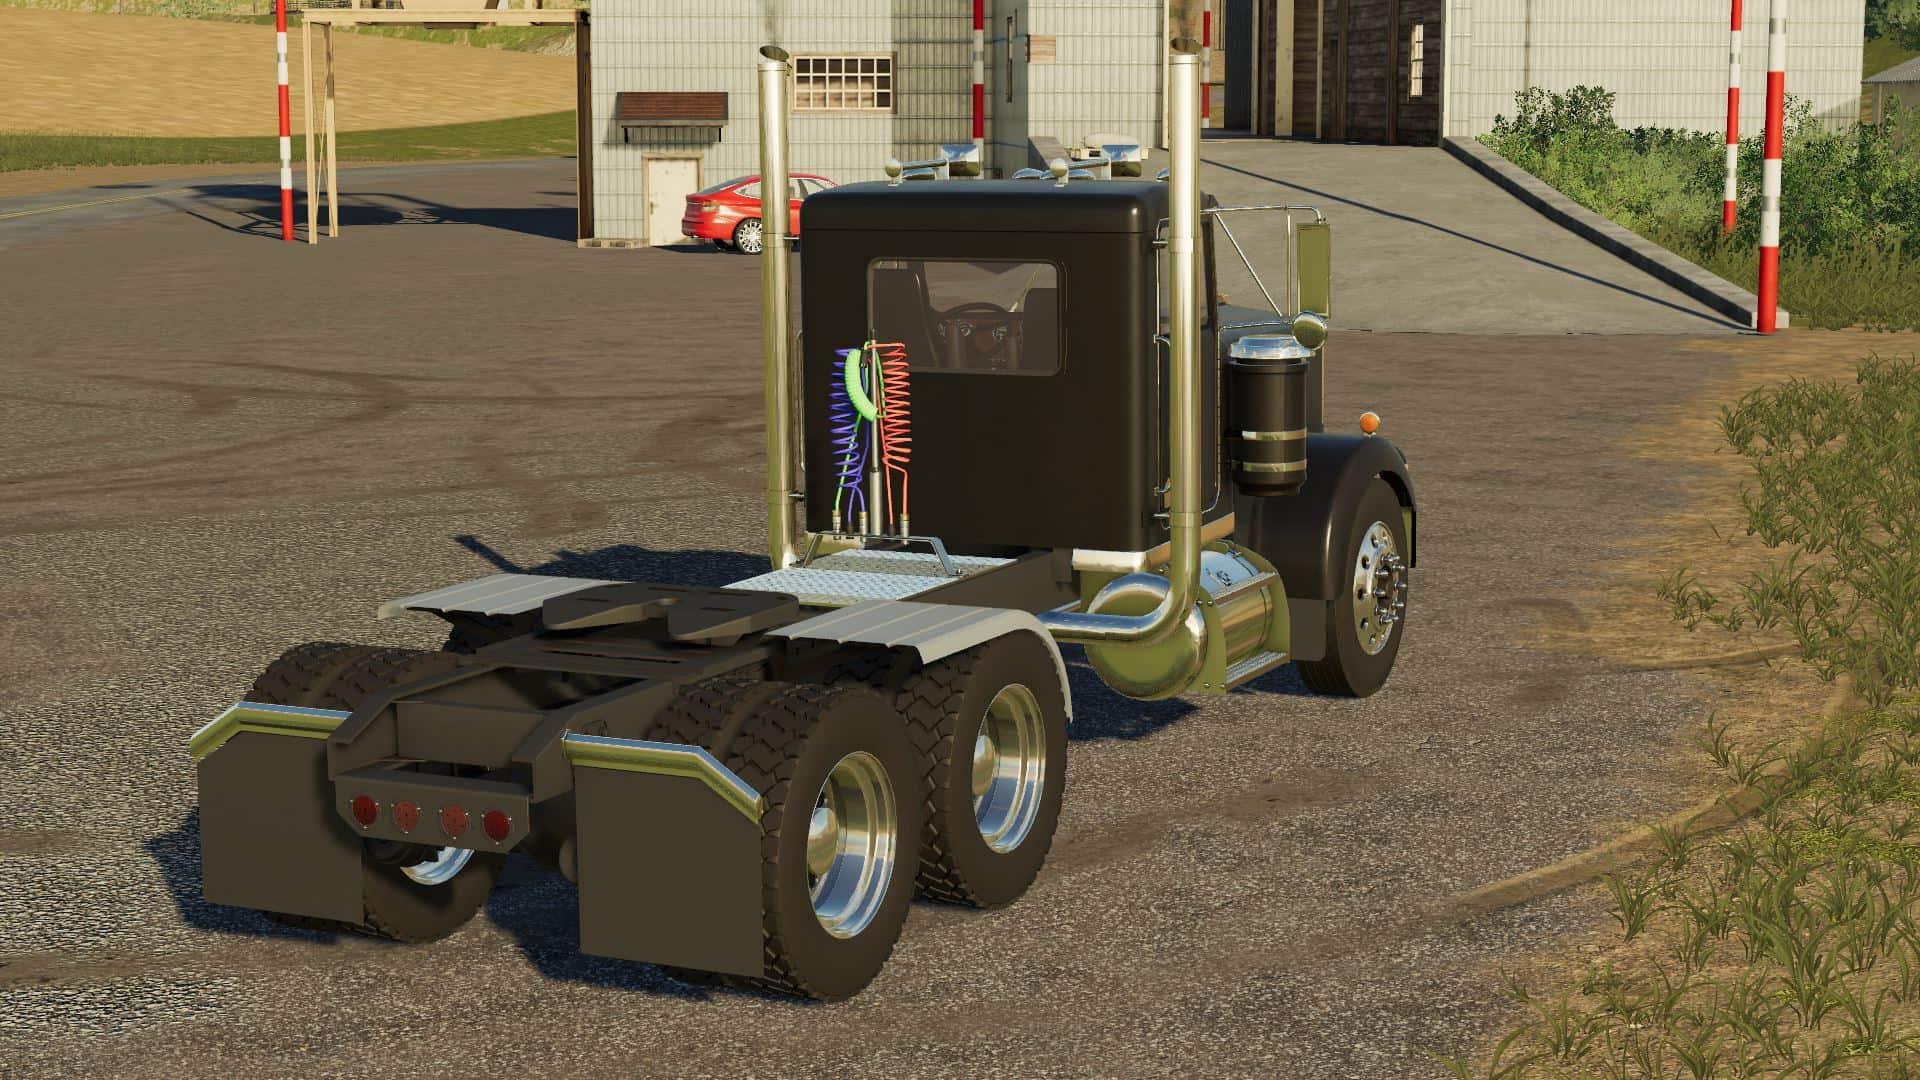 FS19 Kenworth W900a Truck - Farming Simulator 17 mod / FS